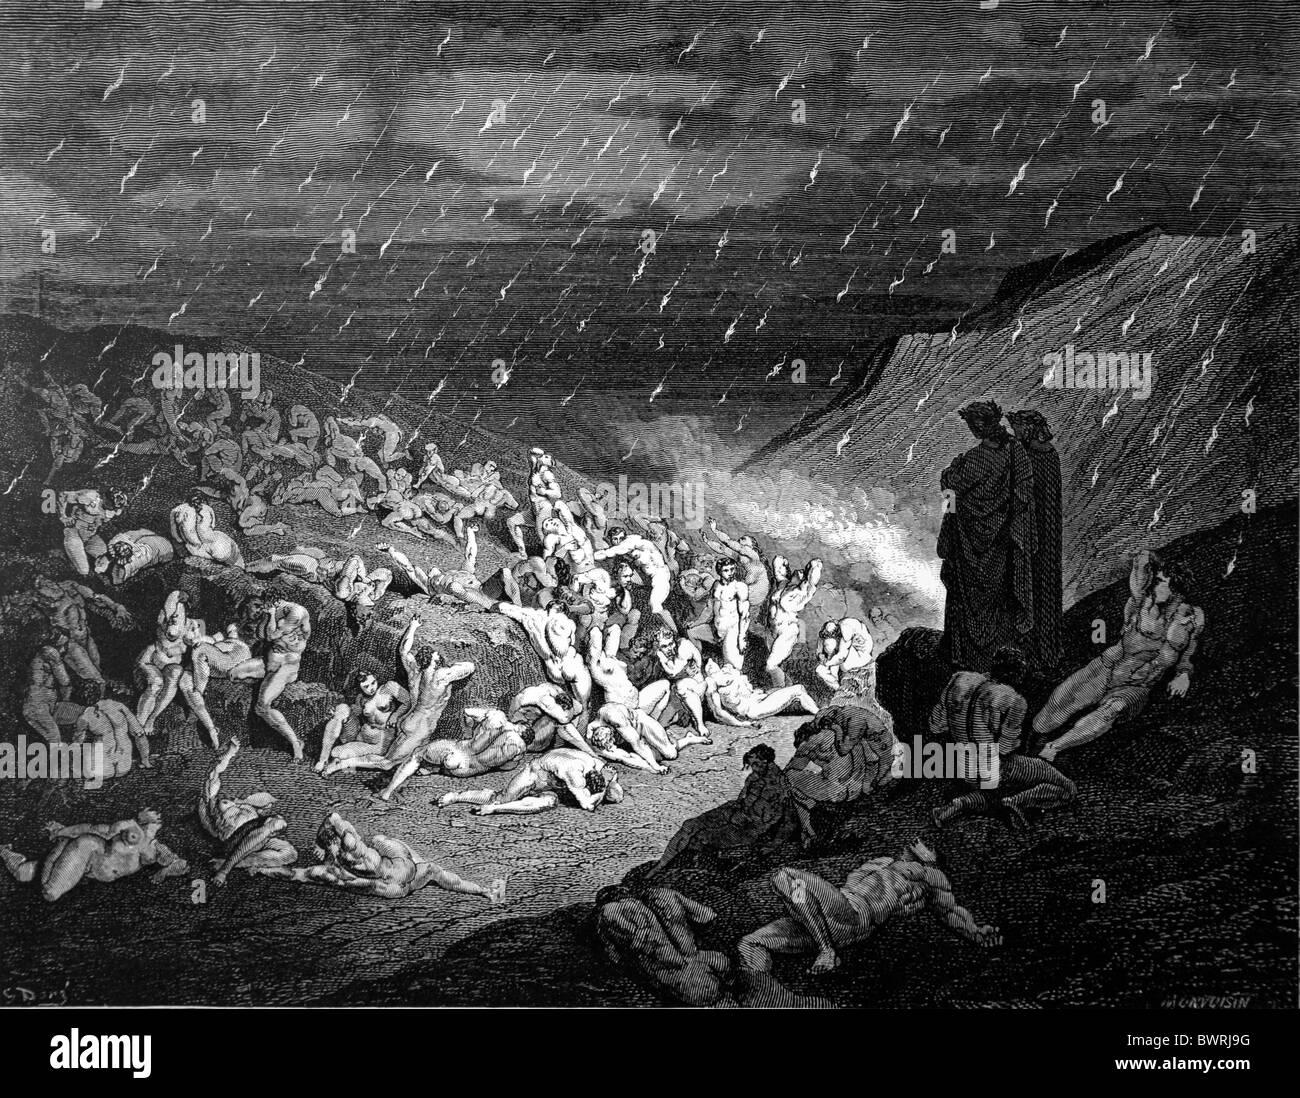 Gustave Doré, la torture de la pluie de feu de la Divine Comédie de Dante Alighieri; gravure noir Photo Stock